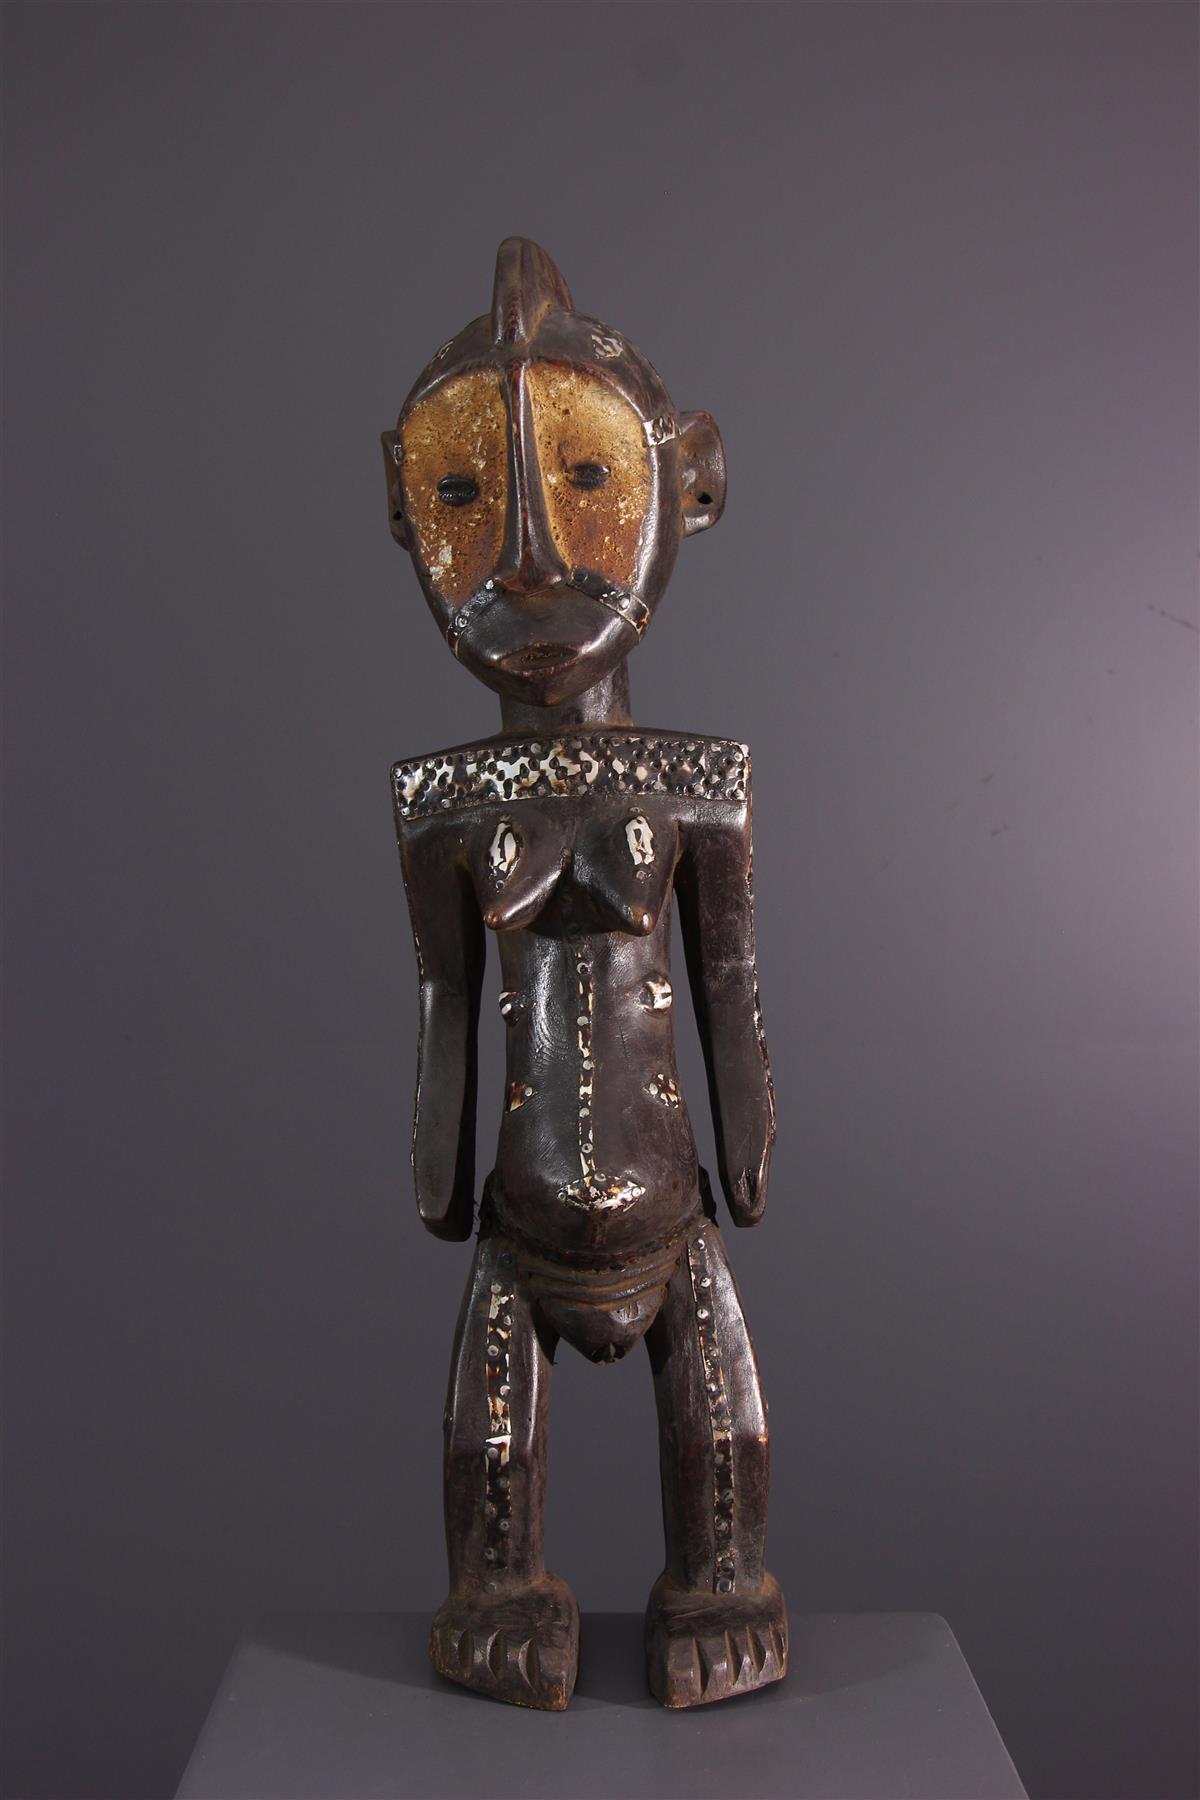 Ngbaka statue - African art